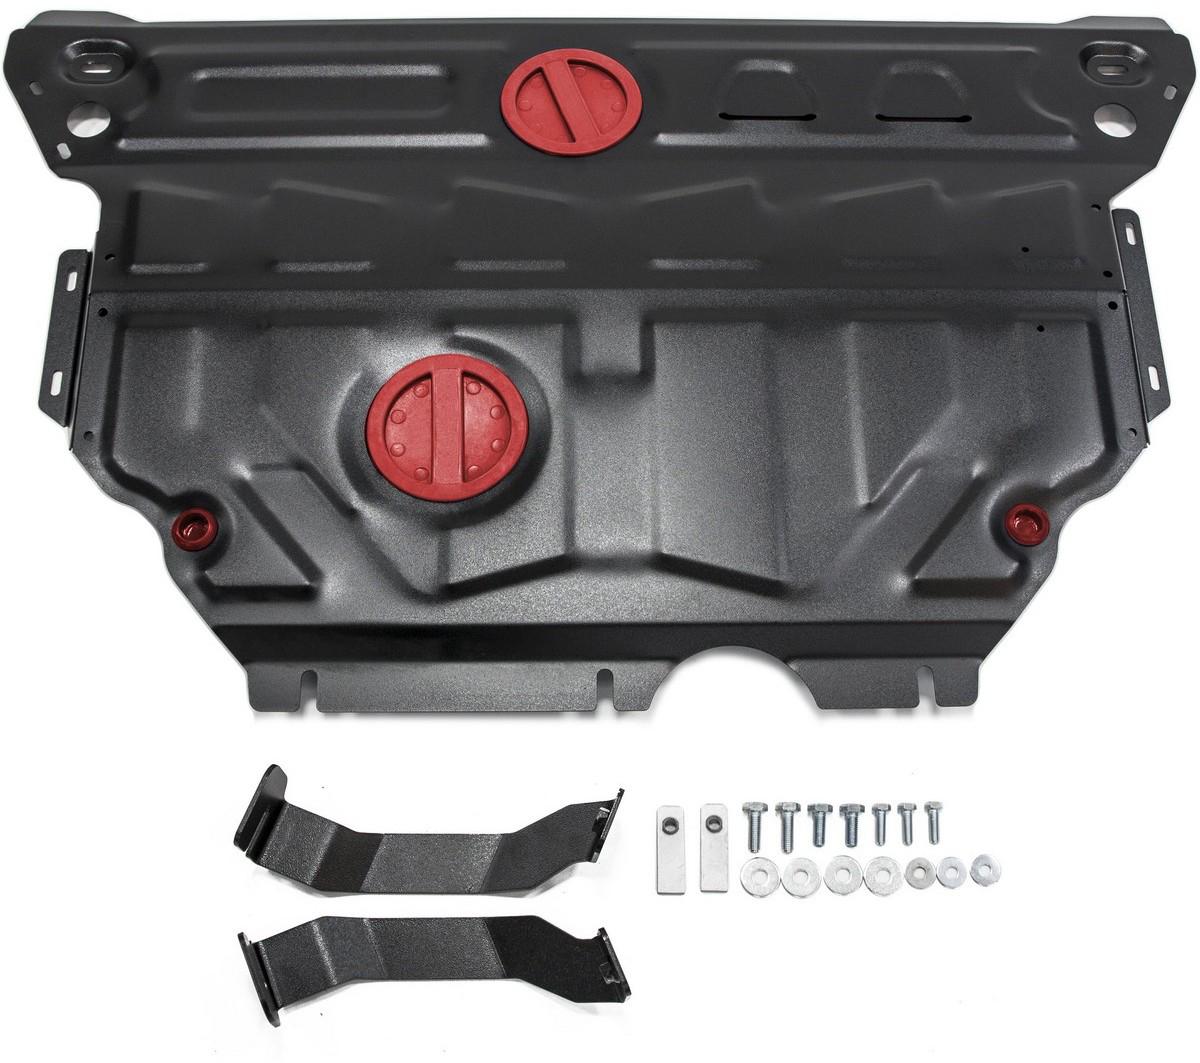 Защита картера и КПП Автоброня Skoda Octavia A7 2013-, сталь 2 мм111.05114.1Защита картера и КПП Автоброня Skoda Octavia A7, V - 1,4TFSI; 1,8TSI; 1,6MPI; 2,0TDI 2013-, сталь 2 мм, комплект крепежа, 111.05114.1Стальные защиты Автоброня надежно защищают ваш автомобиль от повреждений при наезде на бордюры, выступающие канализационные люки, кромки поврежденного асфальта или при ремонте дорог, не говоря уже о загородных дорогах. - Имеют оптимальное соотношение цена-качество. - Спроектированы с учетом особенностей автомобиля, что делает установку удобной. - Защита устанавливается в штатные места кузова автомобиля. - Является надежной защитой для важных элементов на протяжении долгих лет. - Глубокий штамп дополнительно усиливает конструкцию защиты. - Подштамповка в местах крепления защищает крепеж от срезания. - Технологические отверстия там, где они необходимы для смены масла и слива воды, оборудованные заглушками, закрепленными на защите. Толщина стали 2 мм. В комплекте крепеж и инструкция по установке.Уважаемые клиенты! Обращаем ваше внимание на тот факт, что защита имеет форму, соответствующую модели данного автомобиля. Наличие глубокого штампа и лючков для смены фильтров/масла предусмотрено не на всех защитах. Фото служит для визуального восприятия товара.